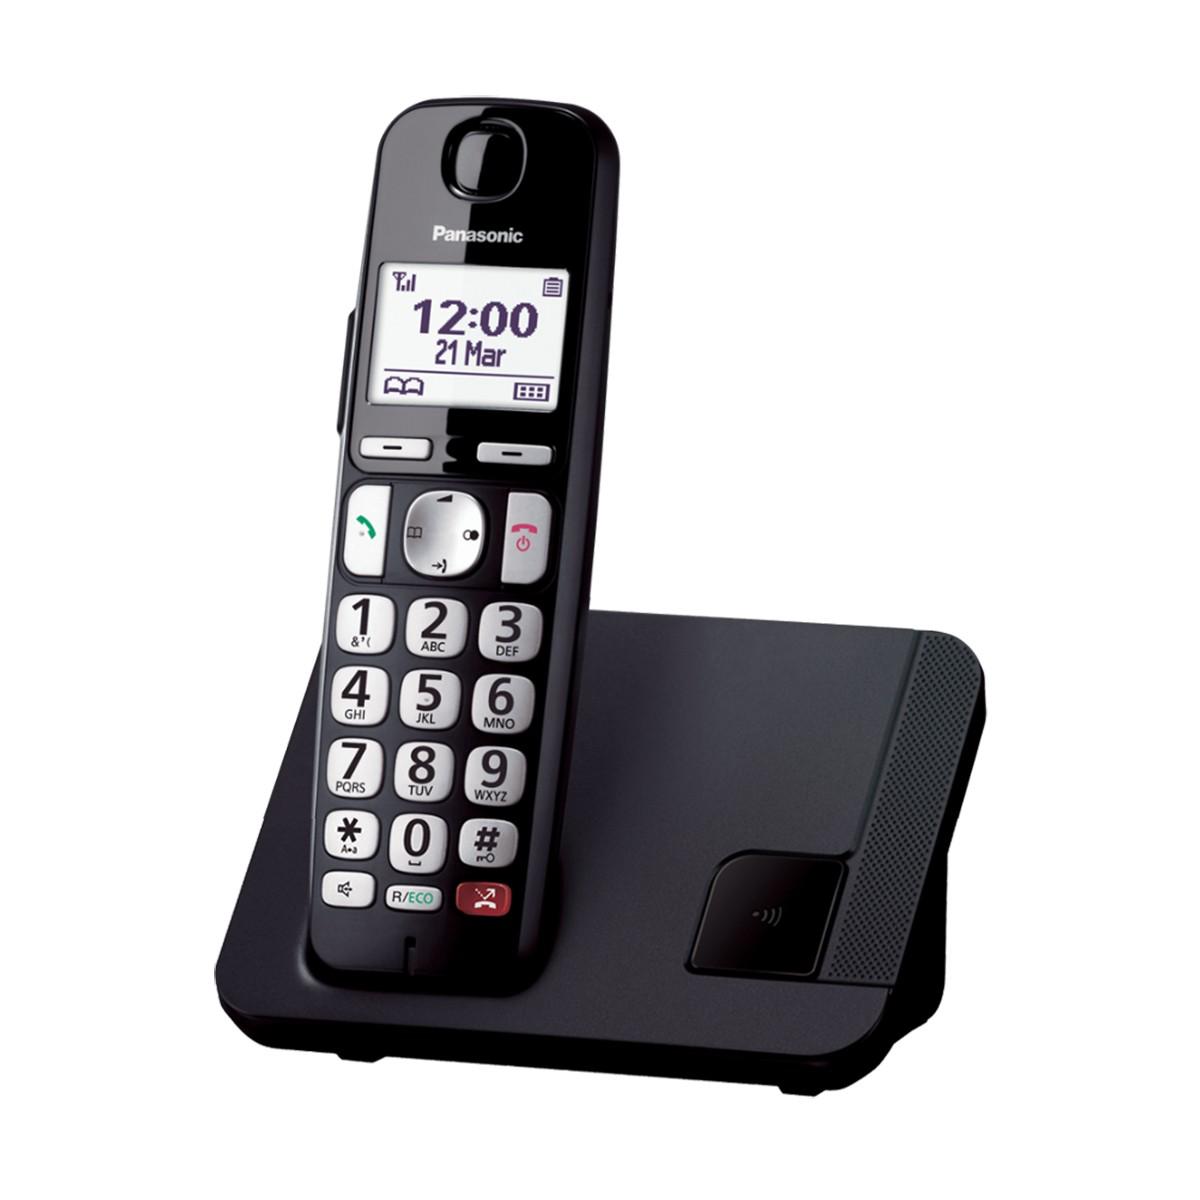 Ασύρματο Ψηφιακό Τηλέφωνο Panasonic KX-TGE250JTB με Αποκλεισμό Κλήσεων και Υποδοχή Hands Free 2.5mm Μαύρο